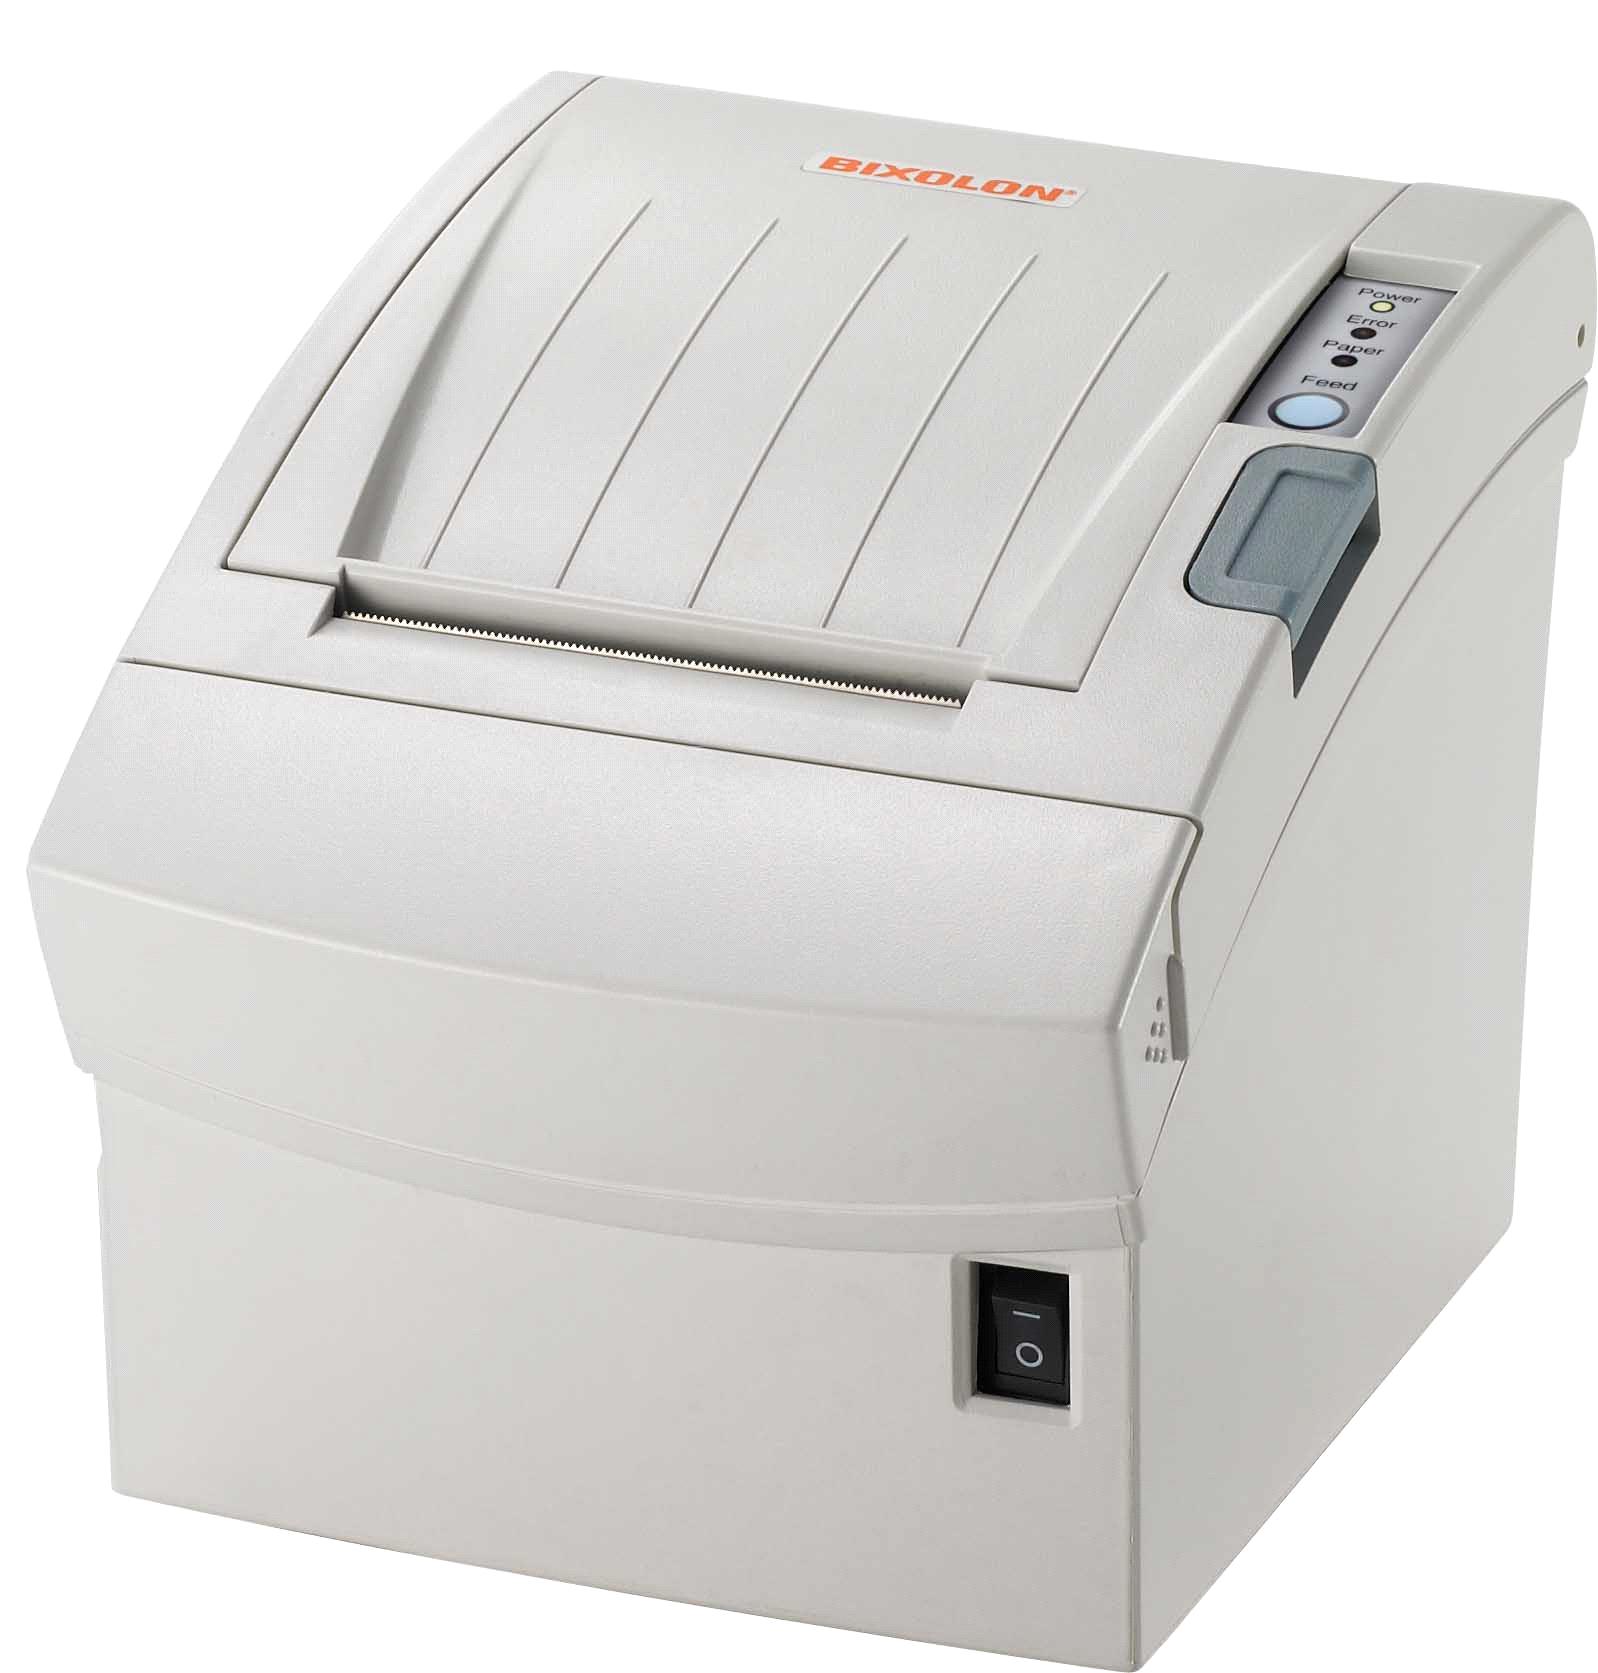 Máy in hóa đơn siêu thị Bixolon SRP-350Plus II